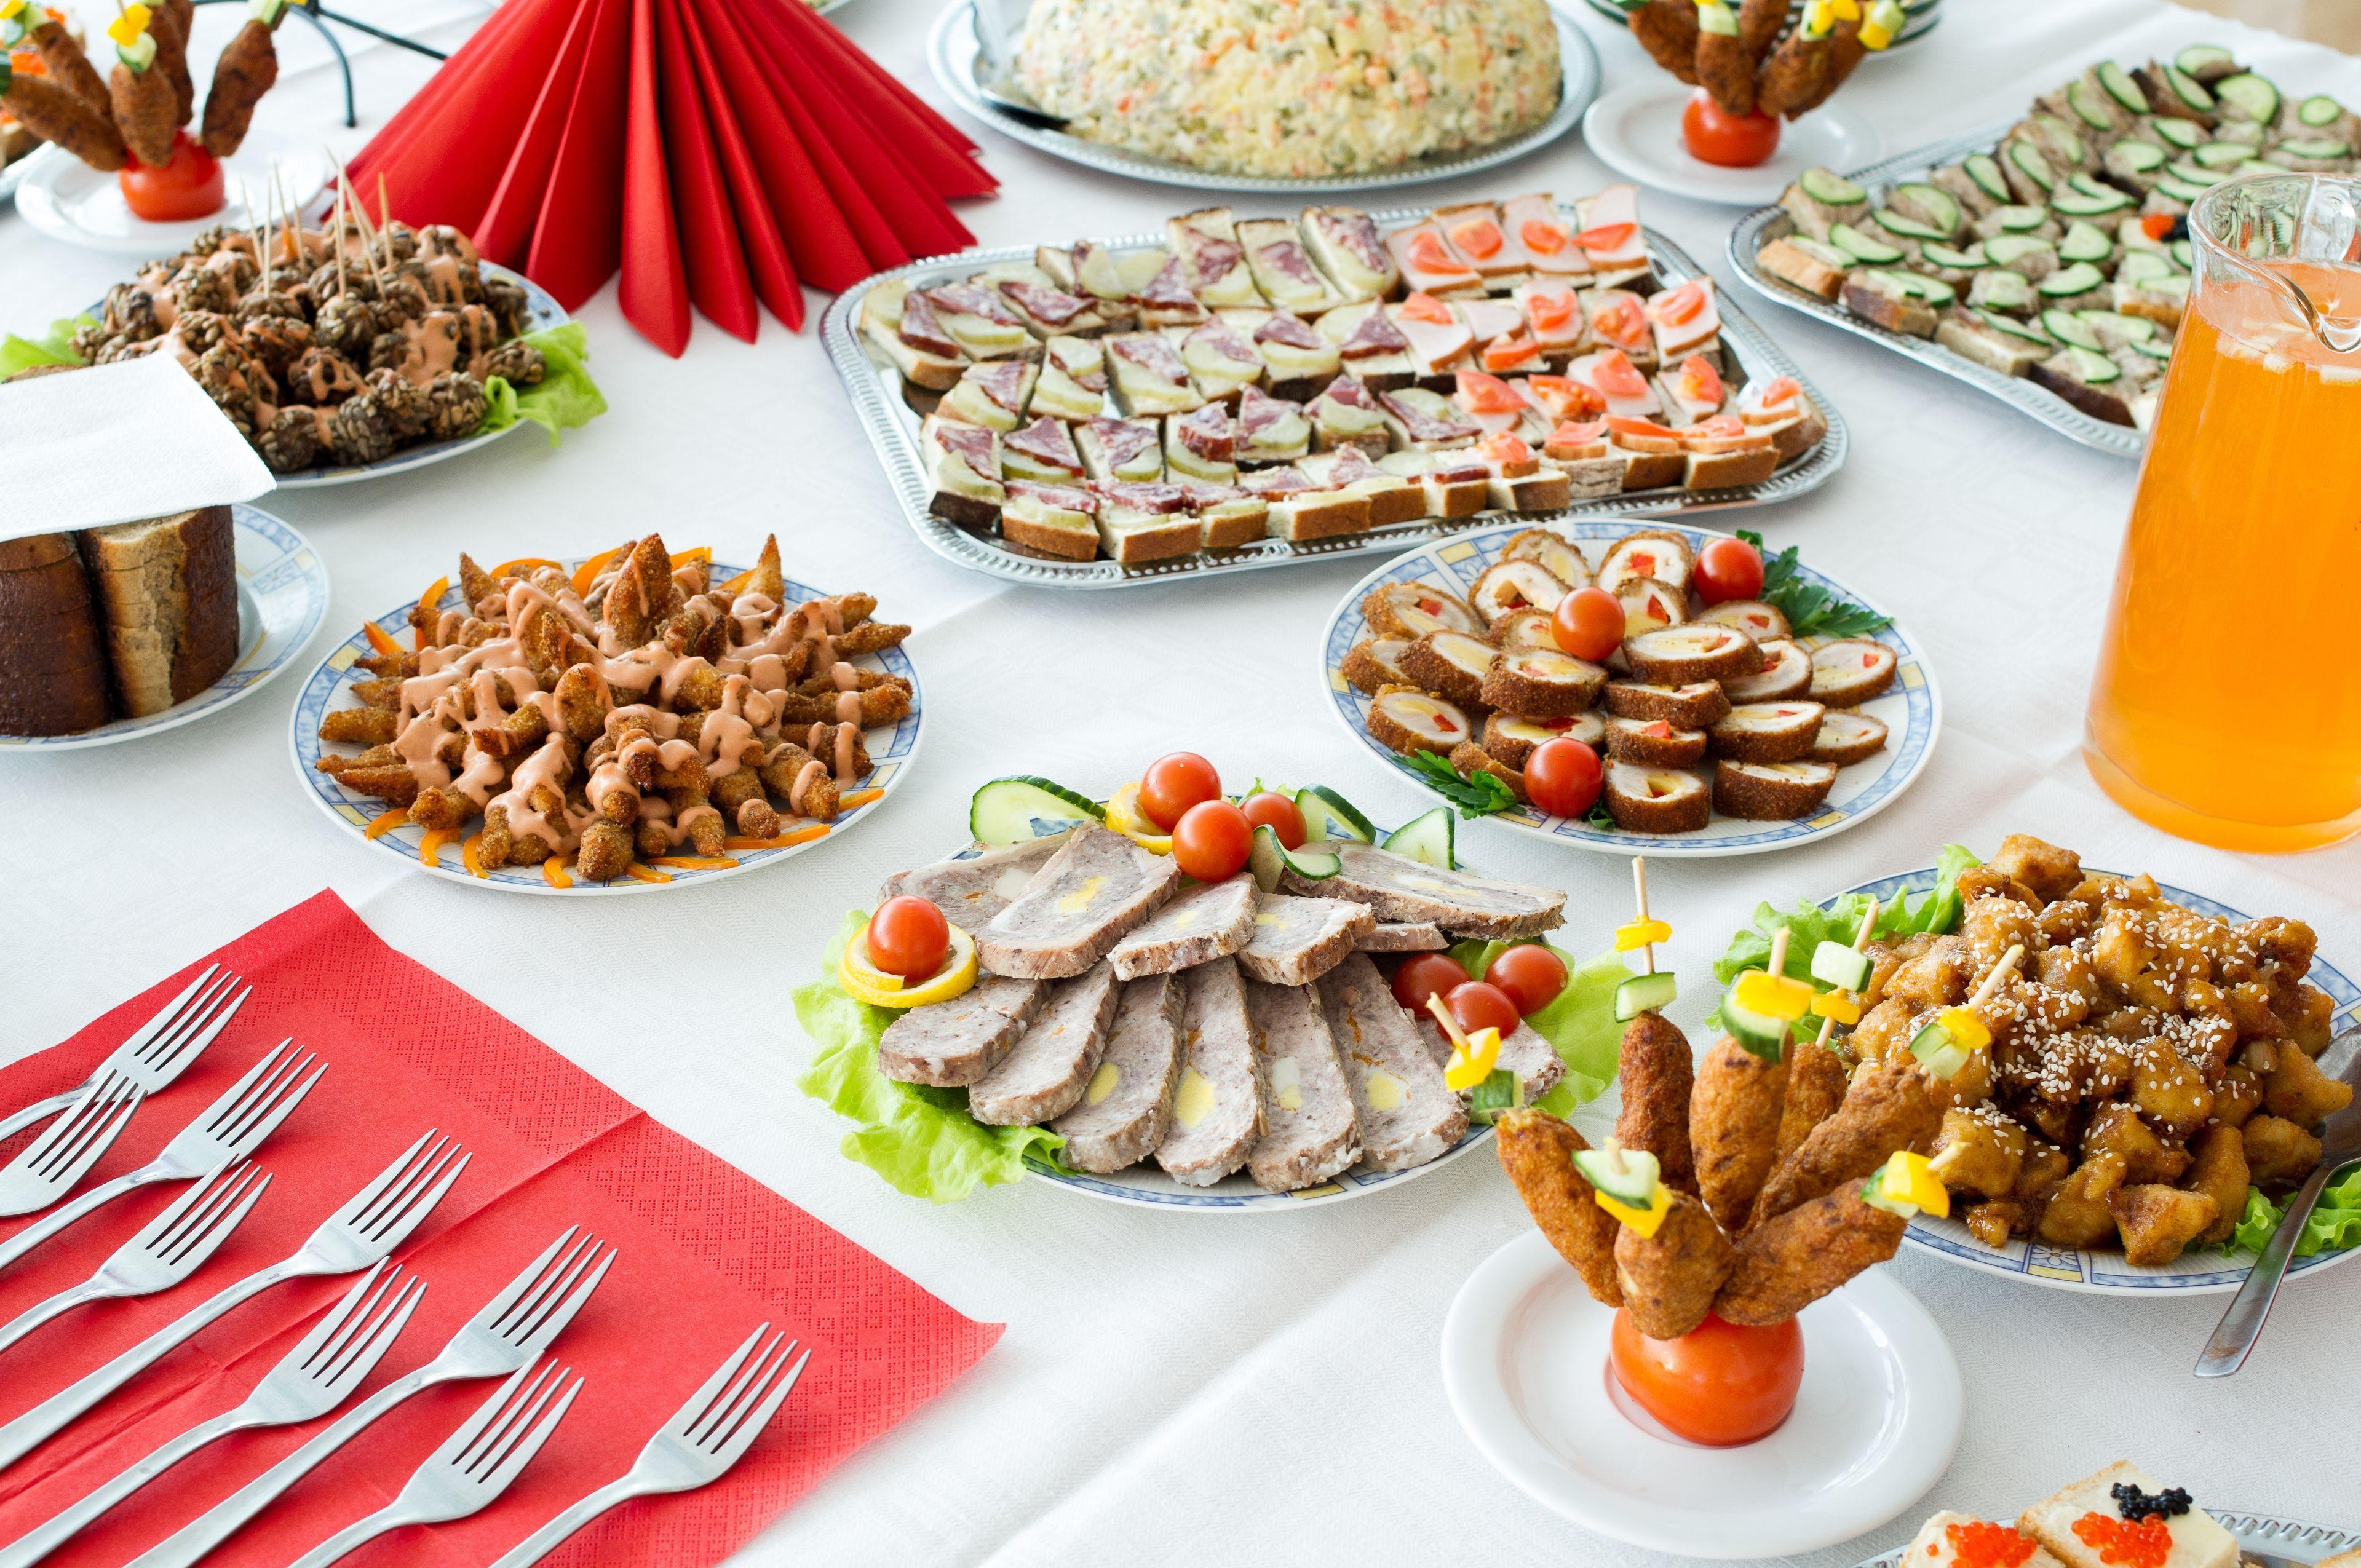 bekende egyptische gerechten